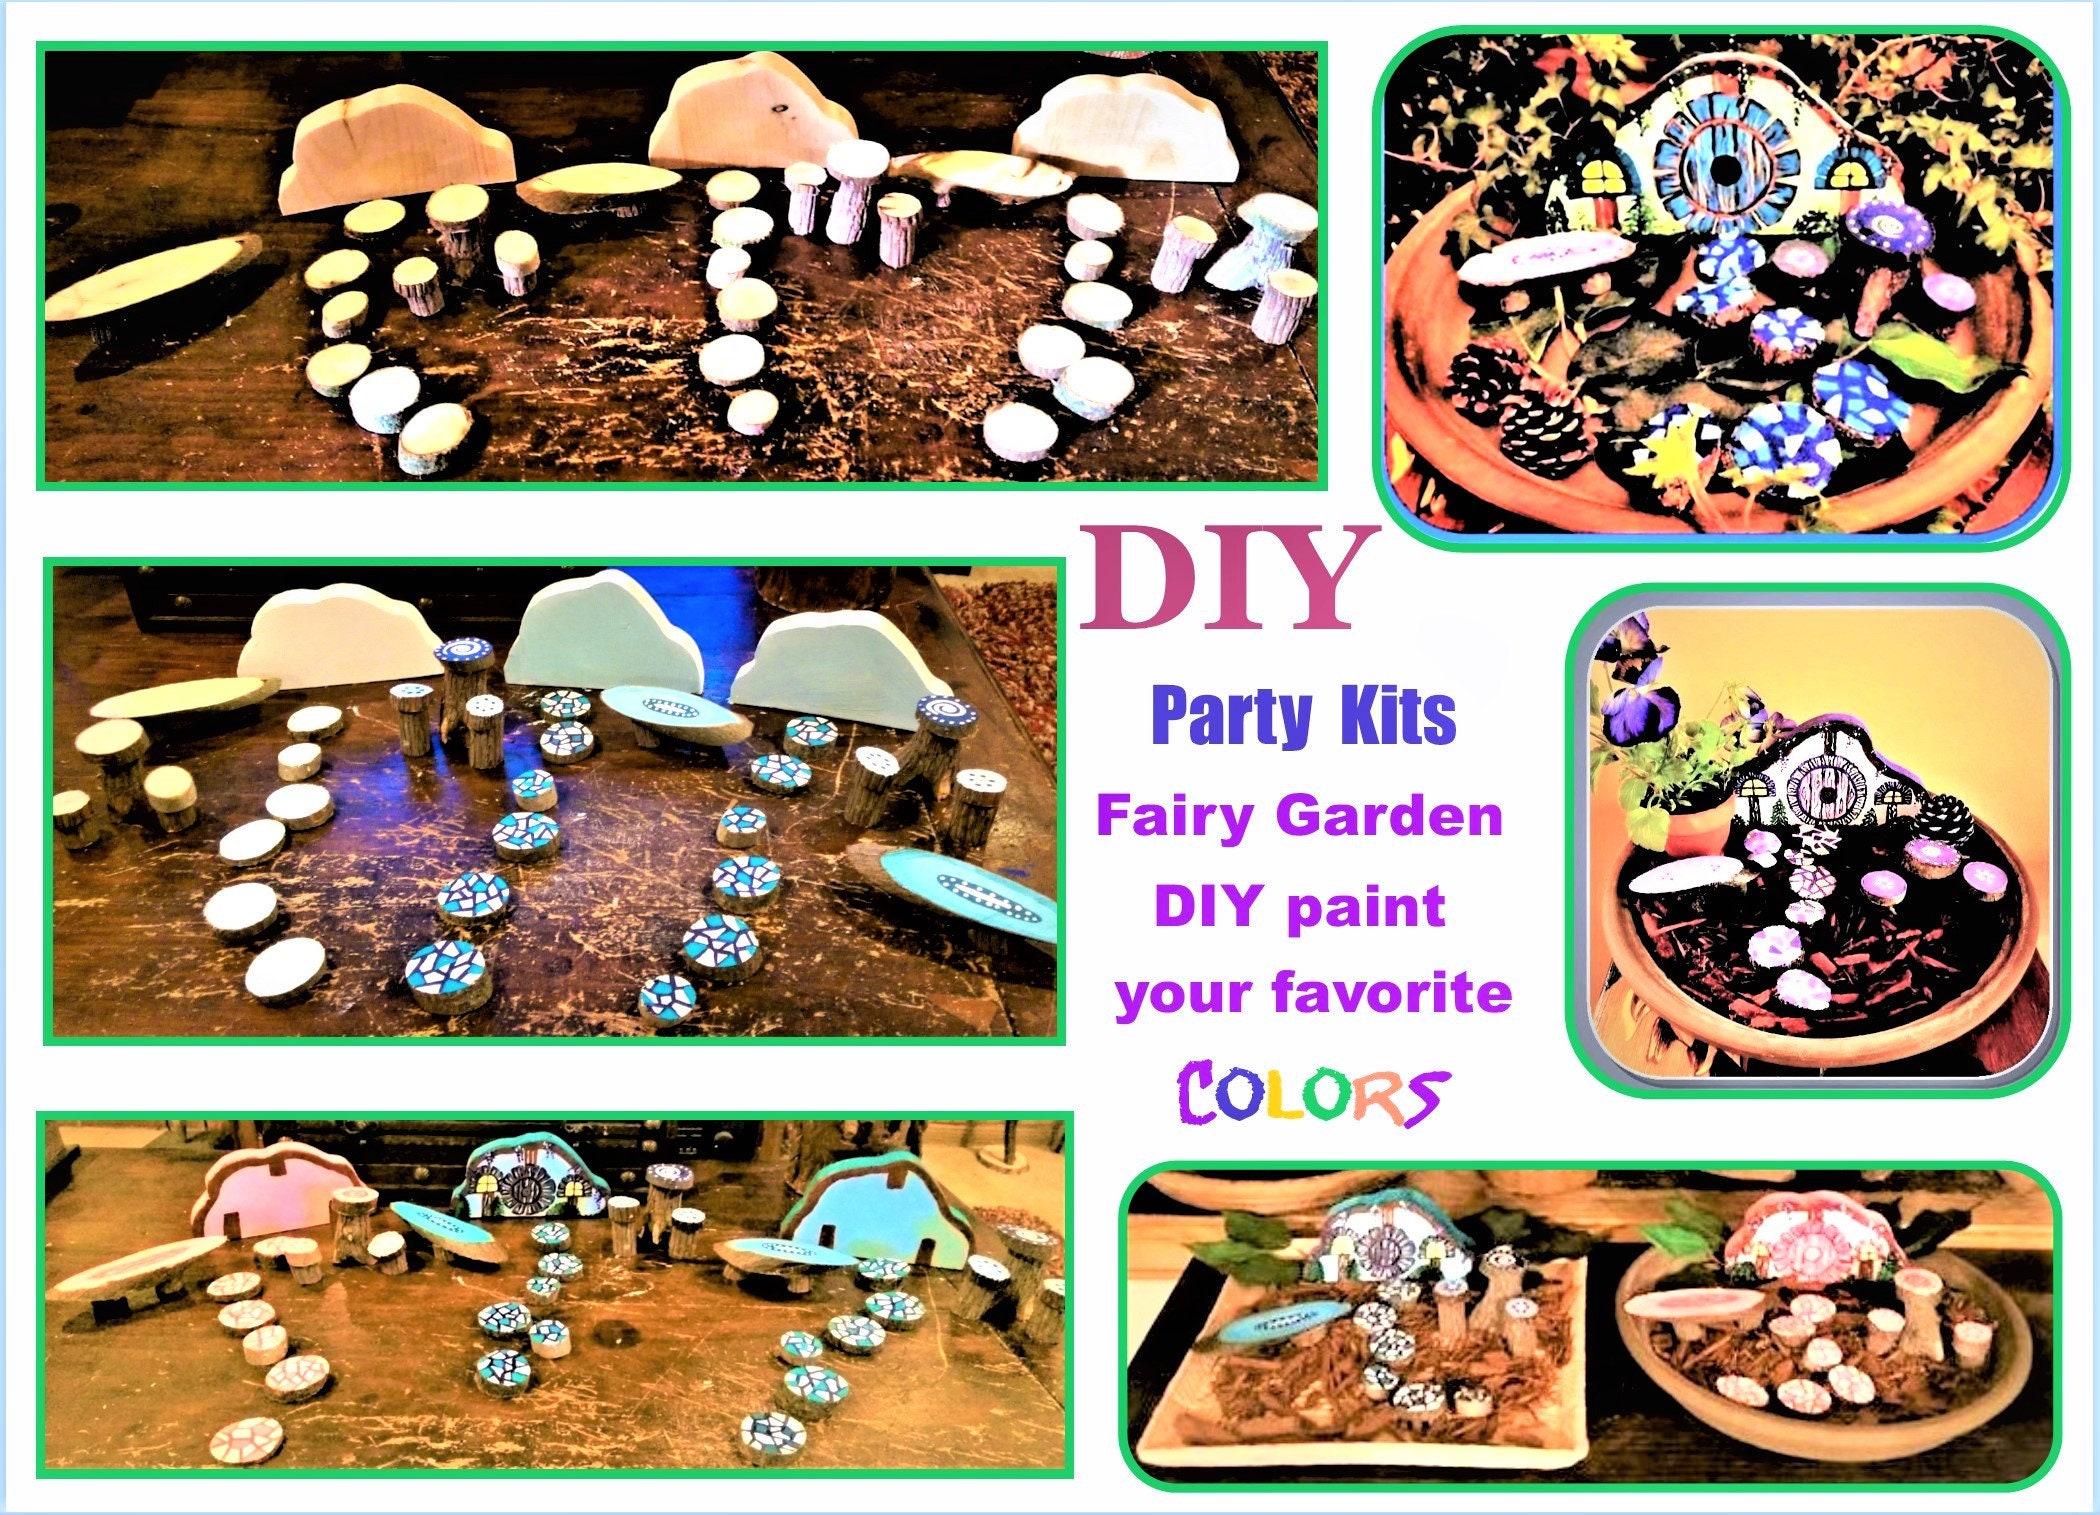 DIY Fairy Garden Child Party Ideaschild Craft Ideas Kids